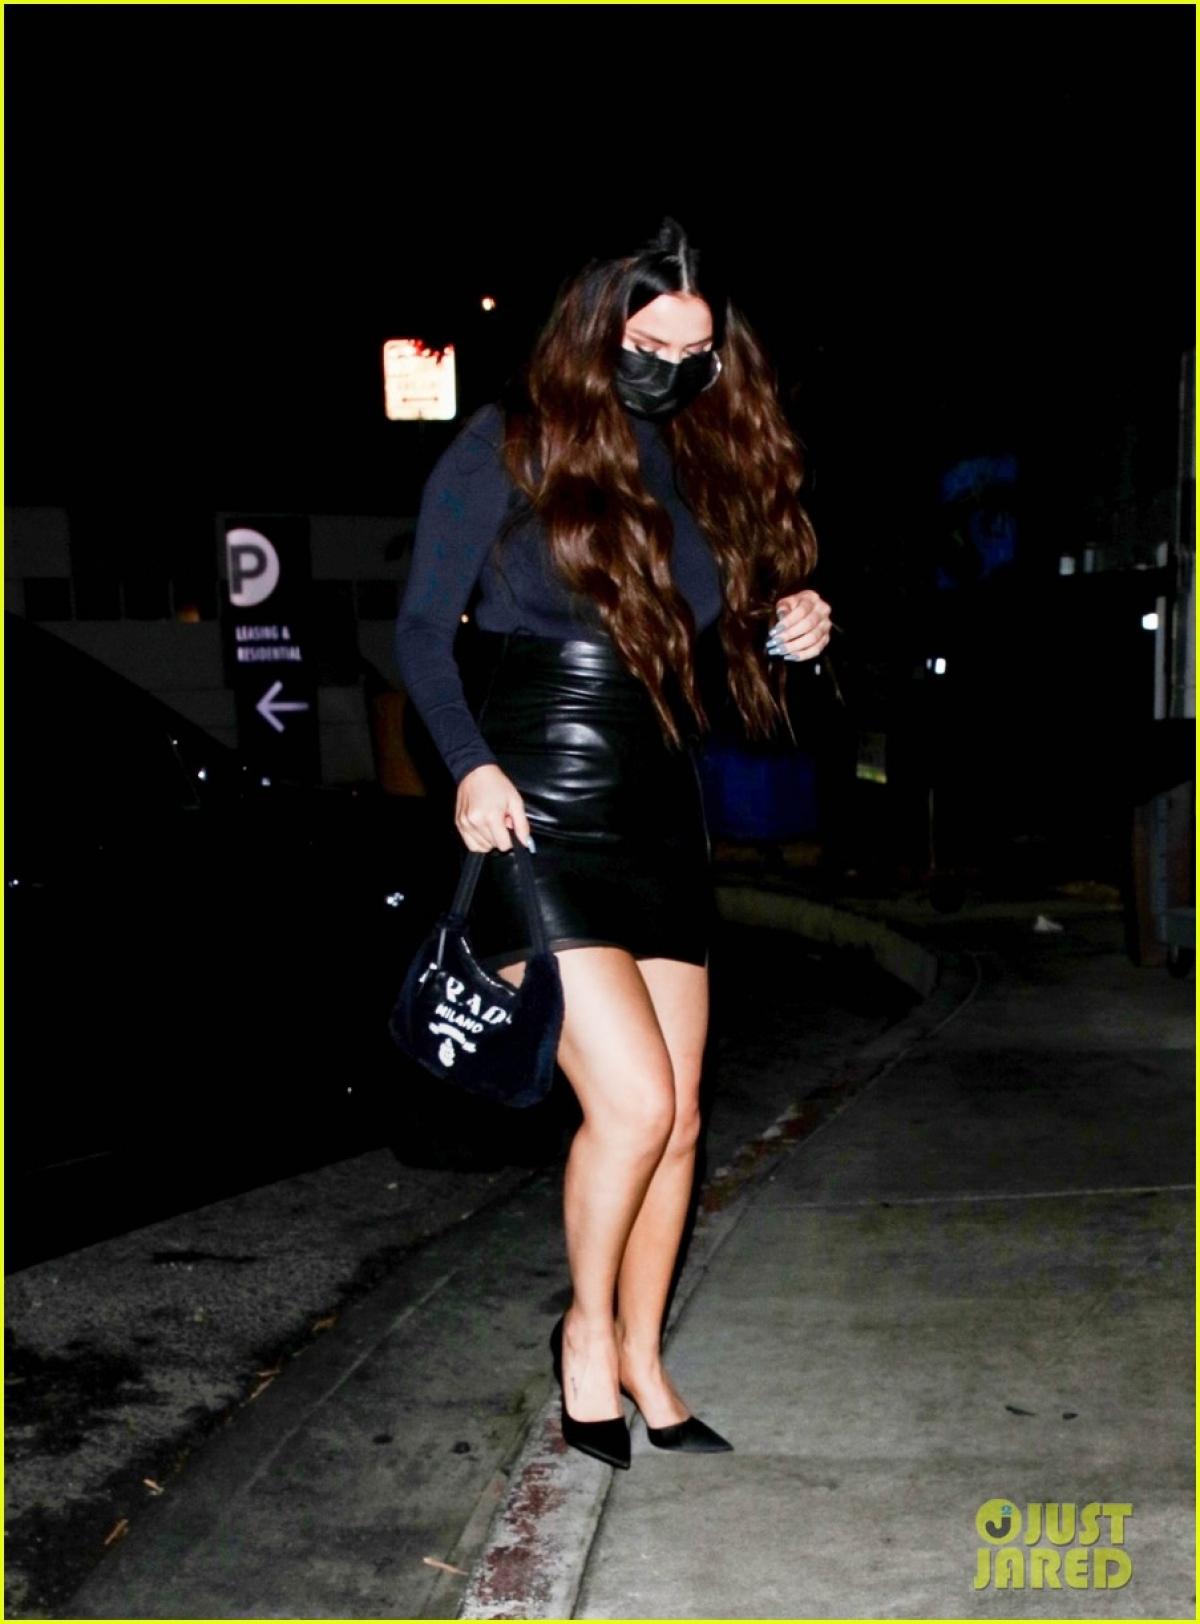 Dễ dàng nhận thấy, Selena Gomez tăng cân hơn hẳn so với trước.